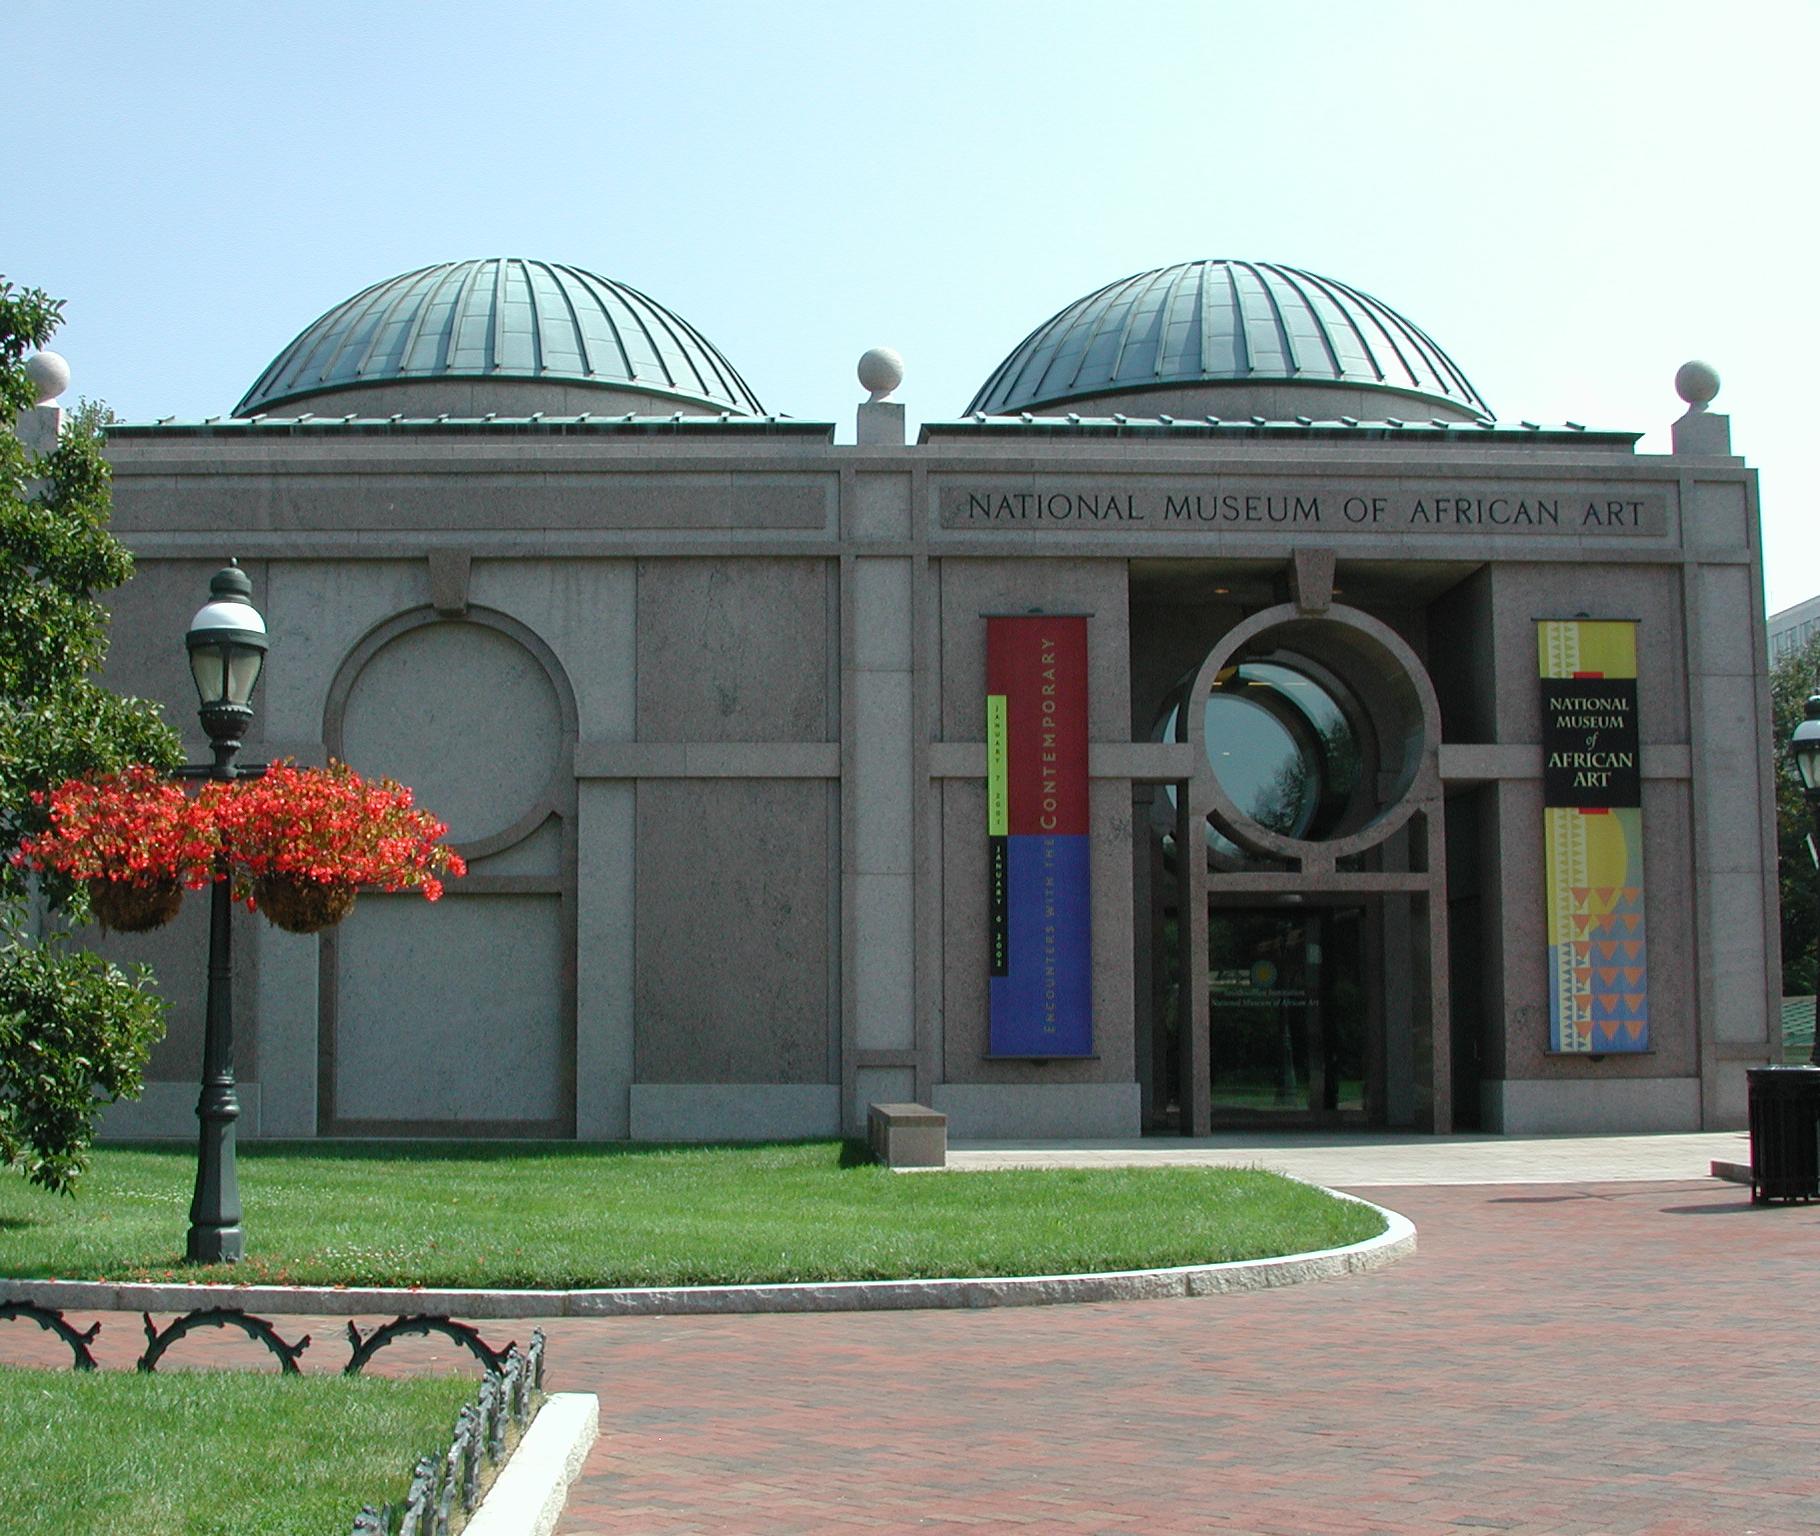 African Art Museum exterior